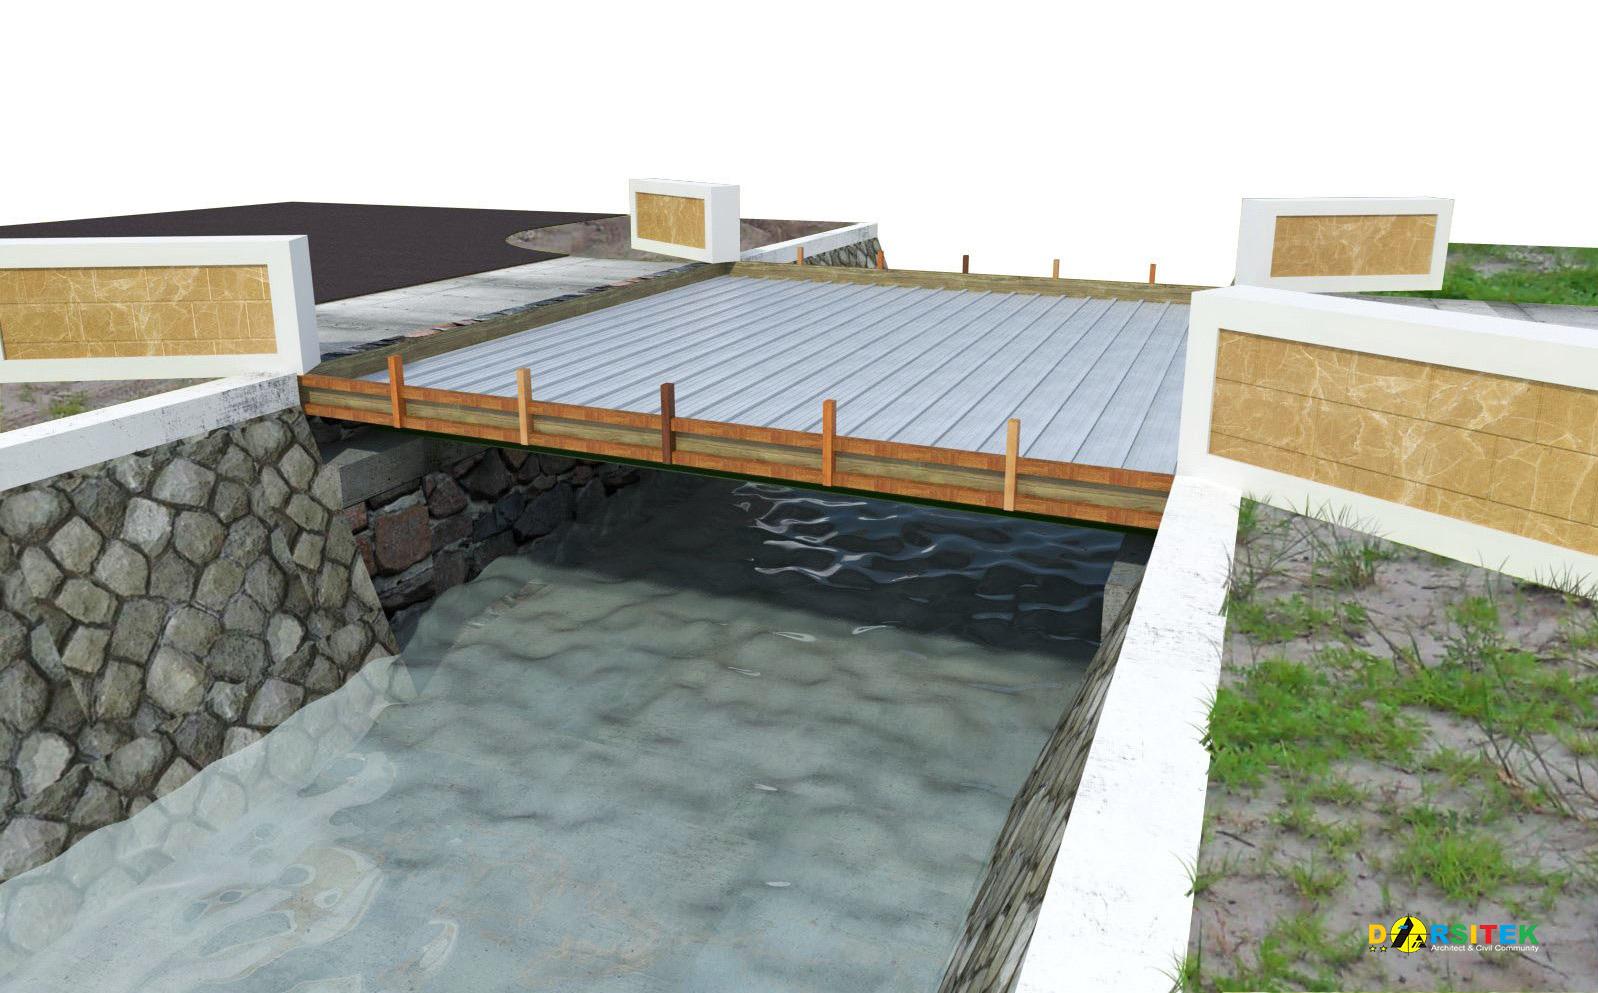 jembatang bentang 5 meter